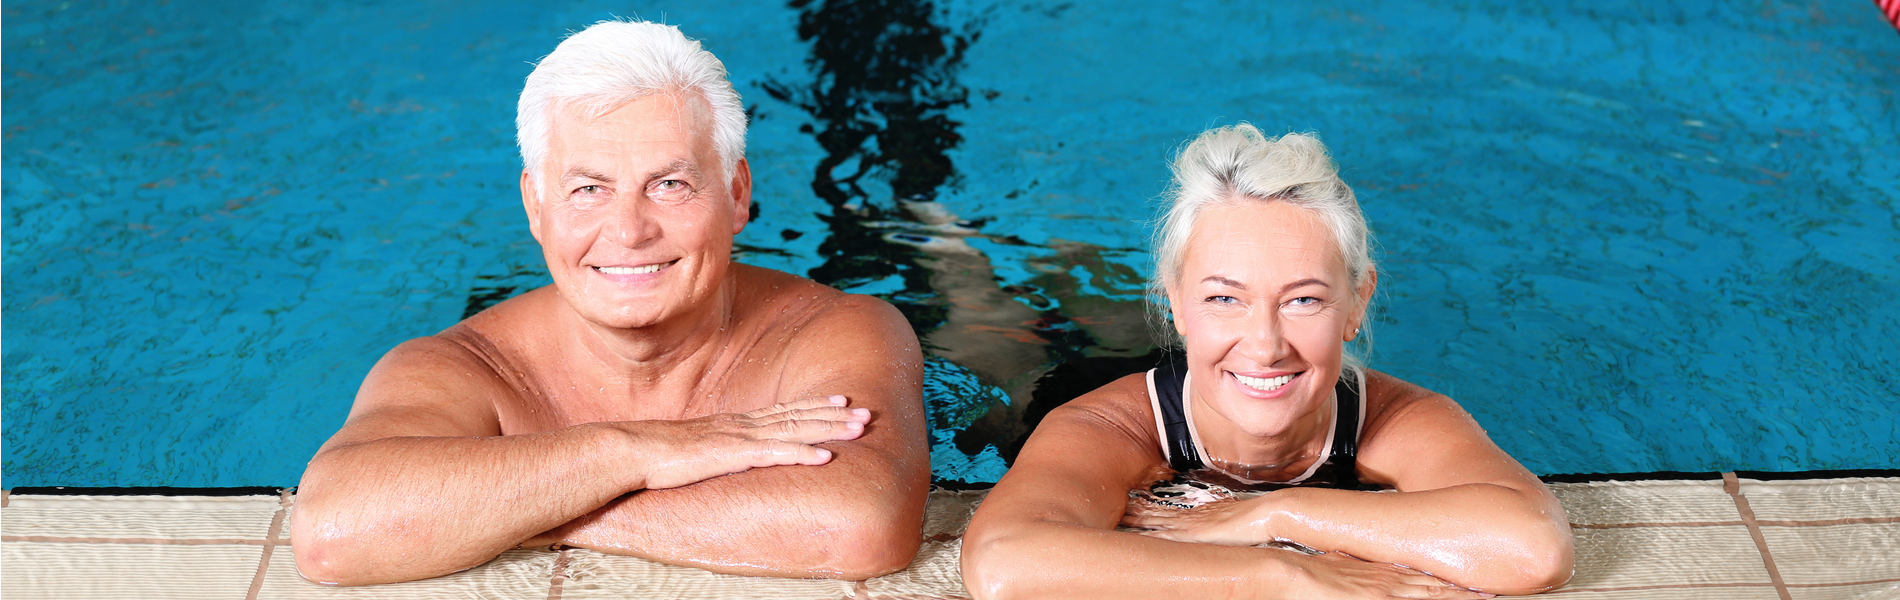 Designing an aquatics program seniors will love.png